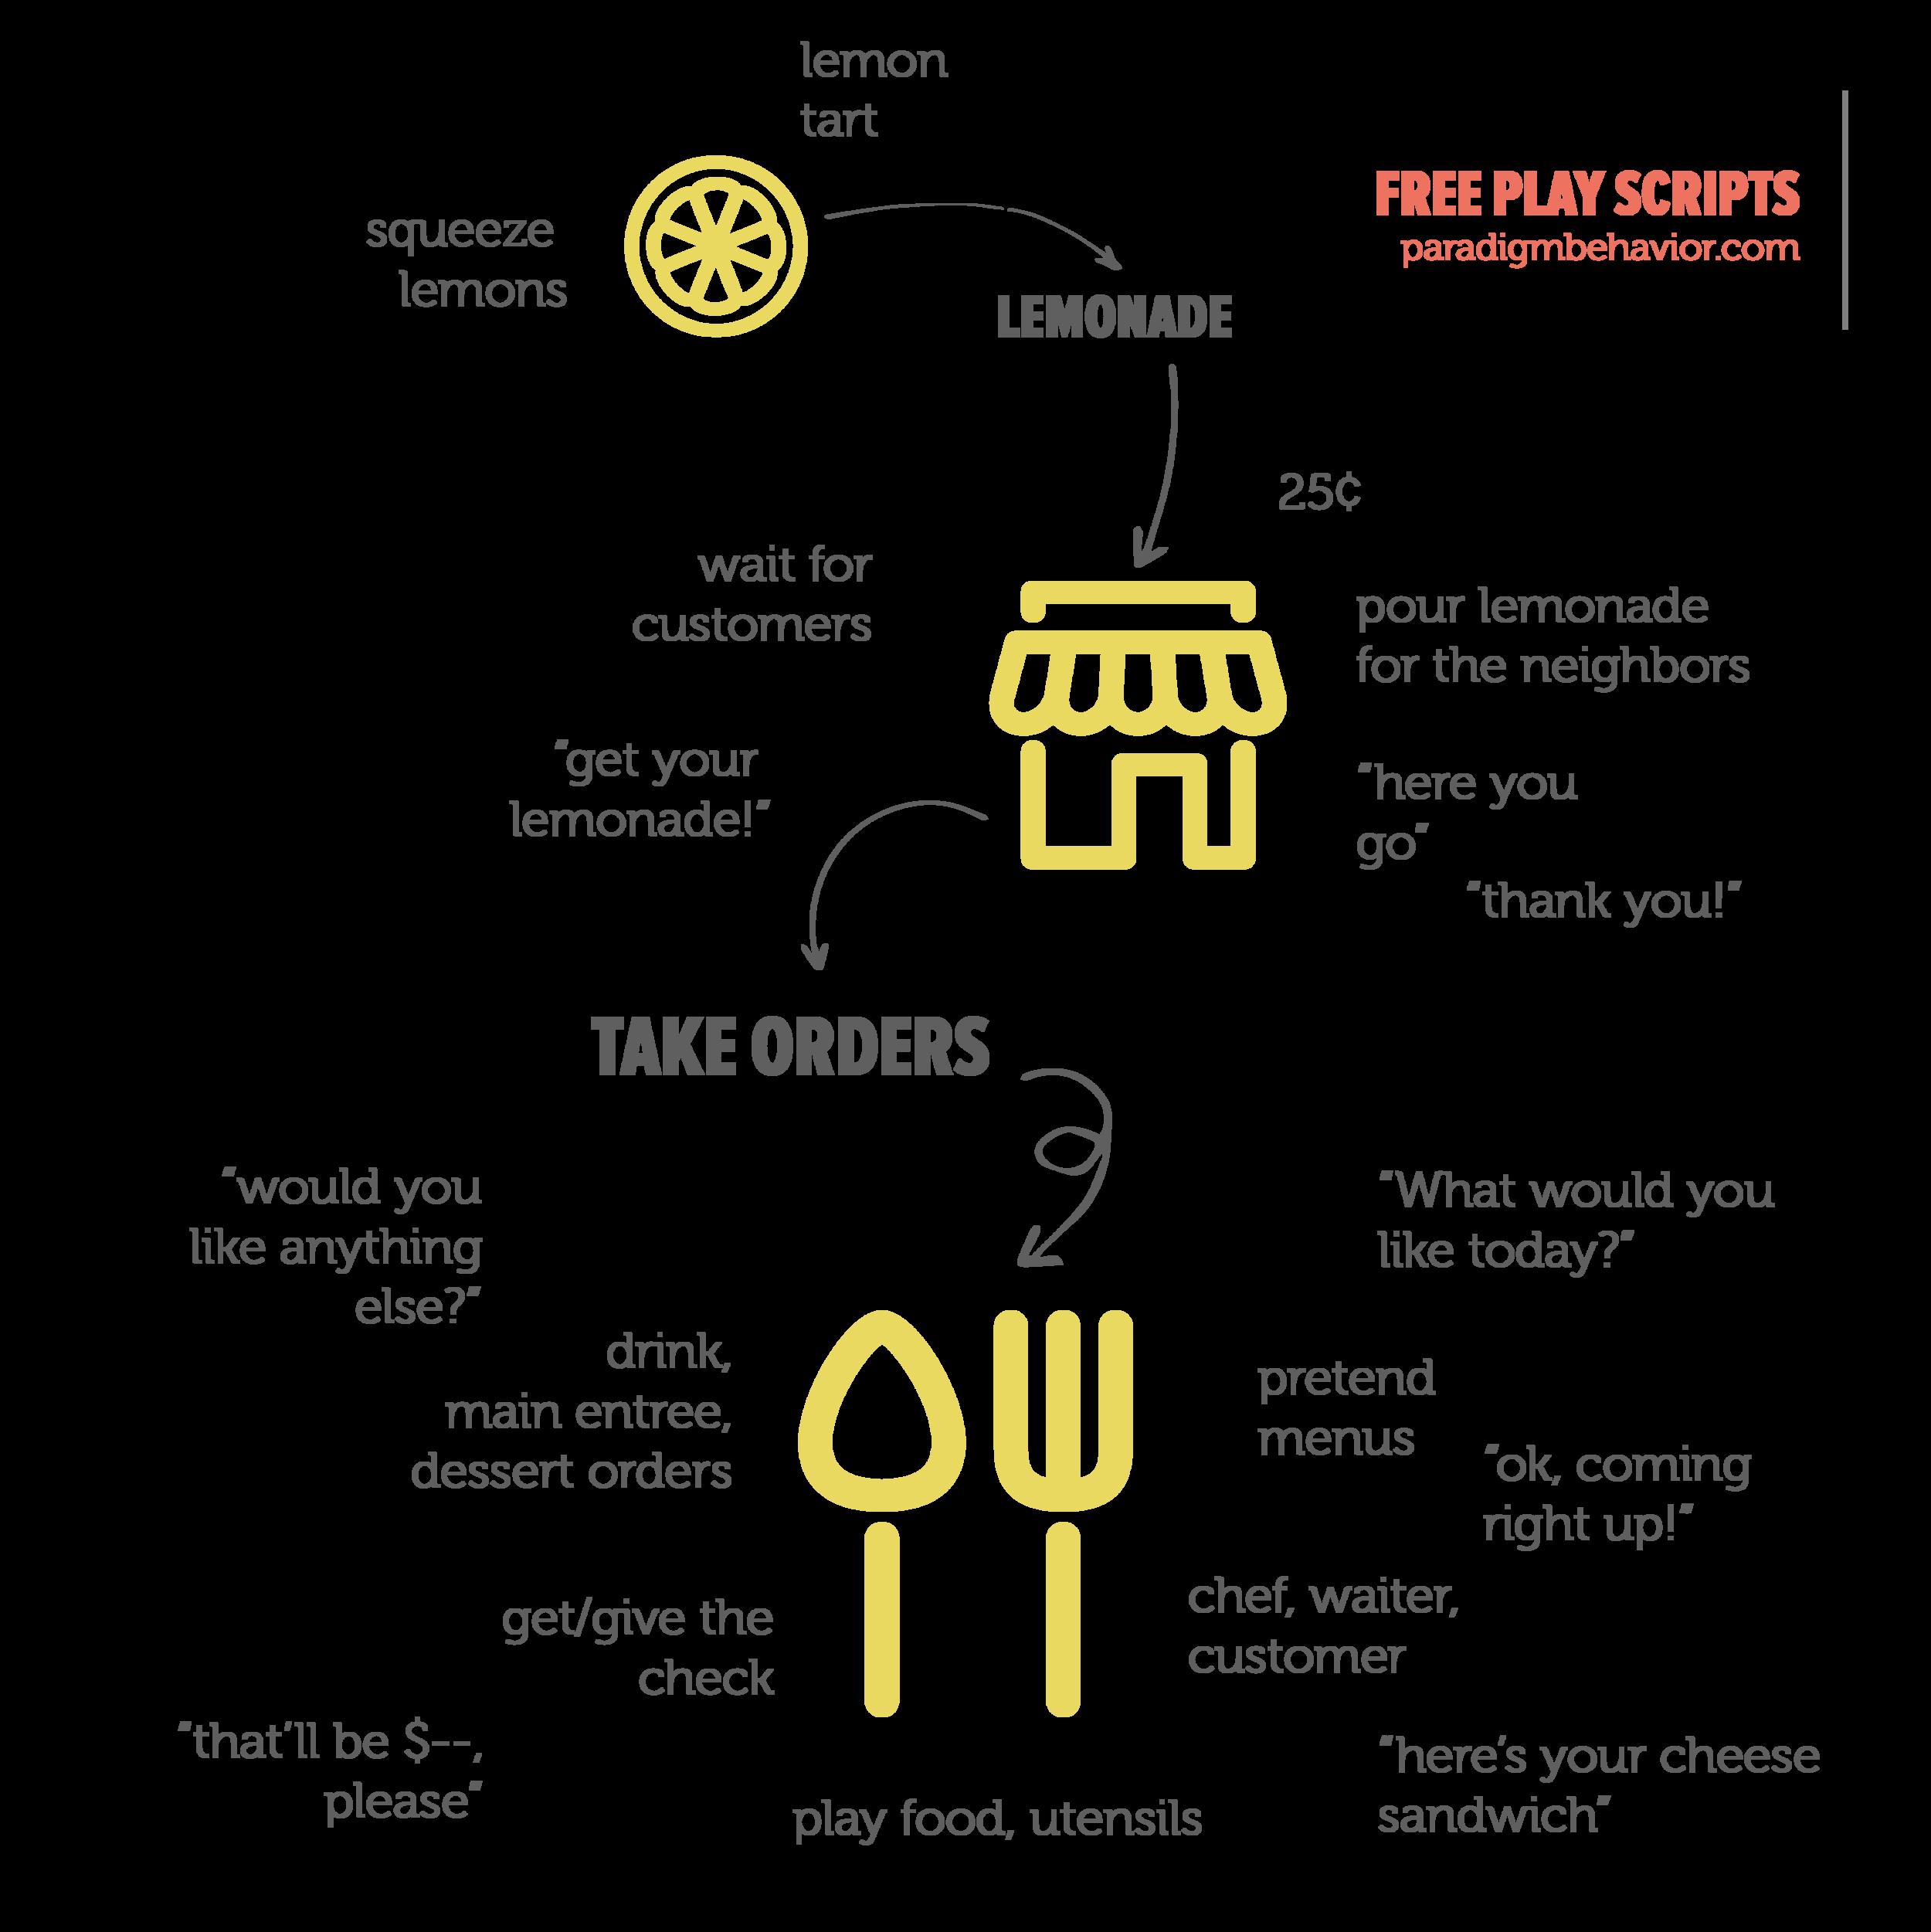 lemonade graphic - paradigm behavior-02.png